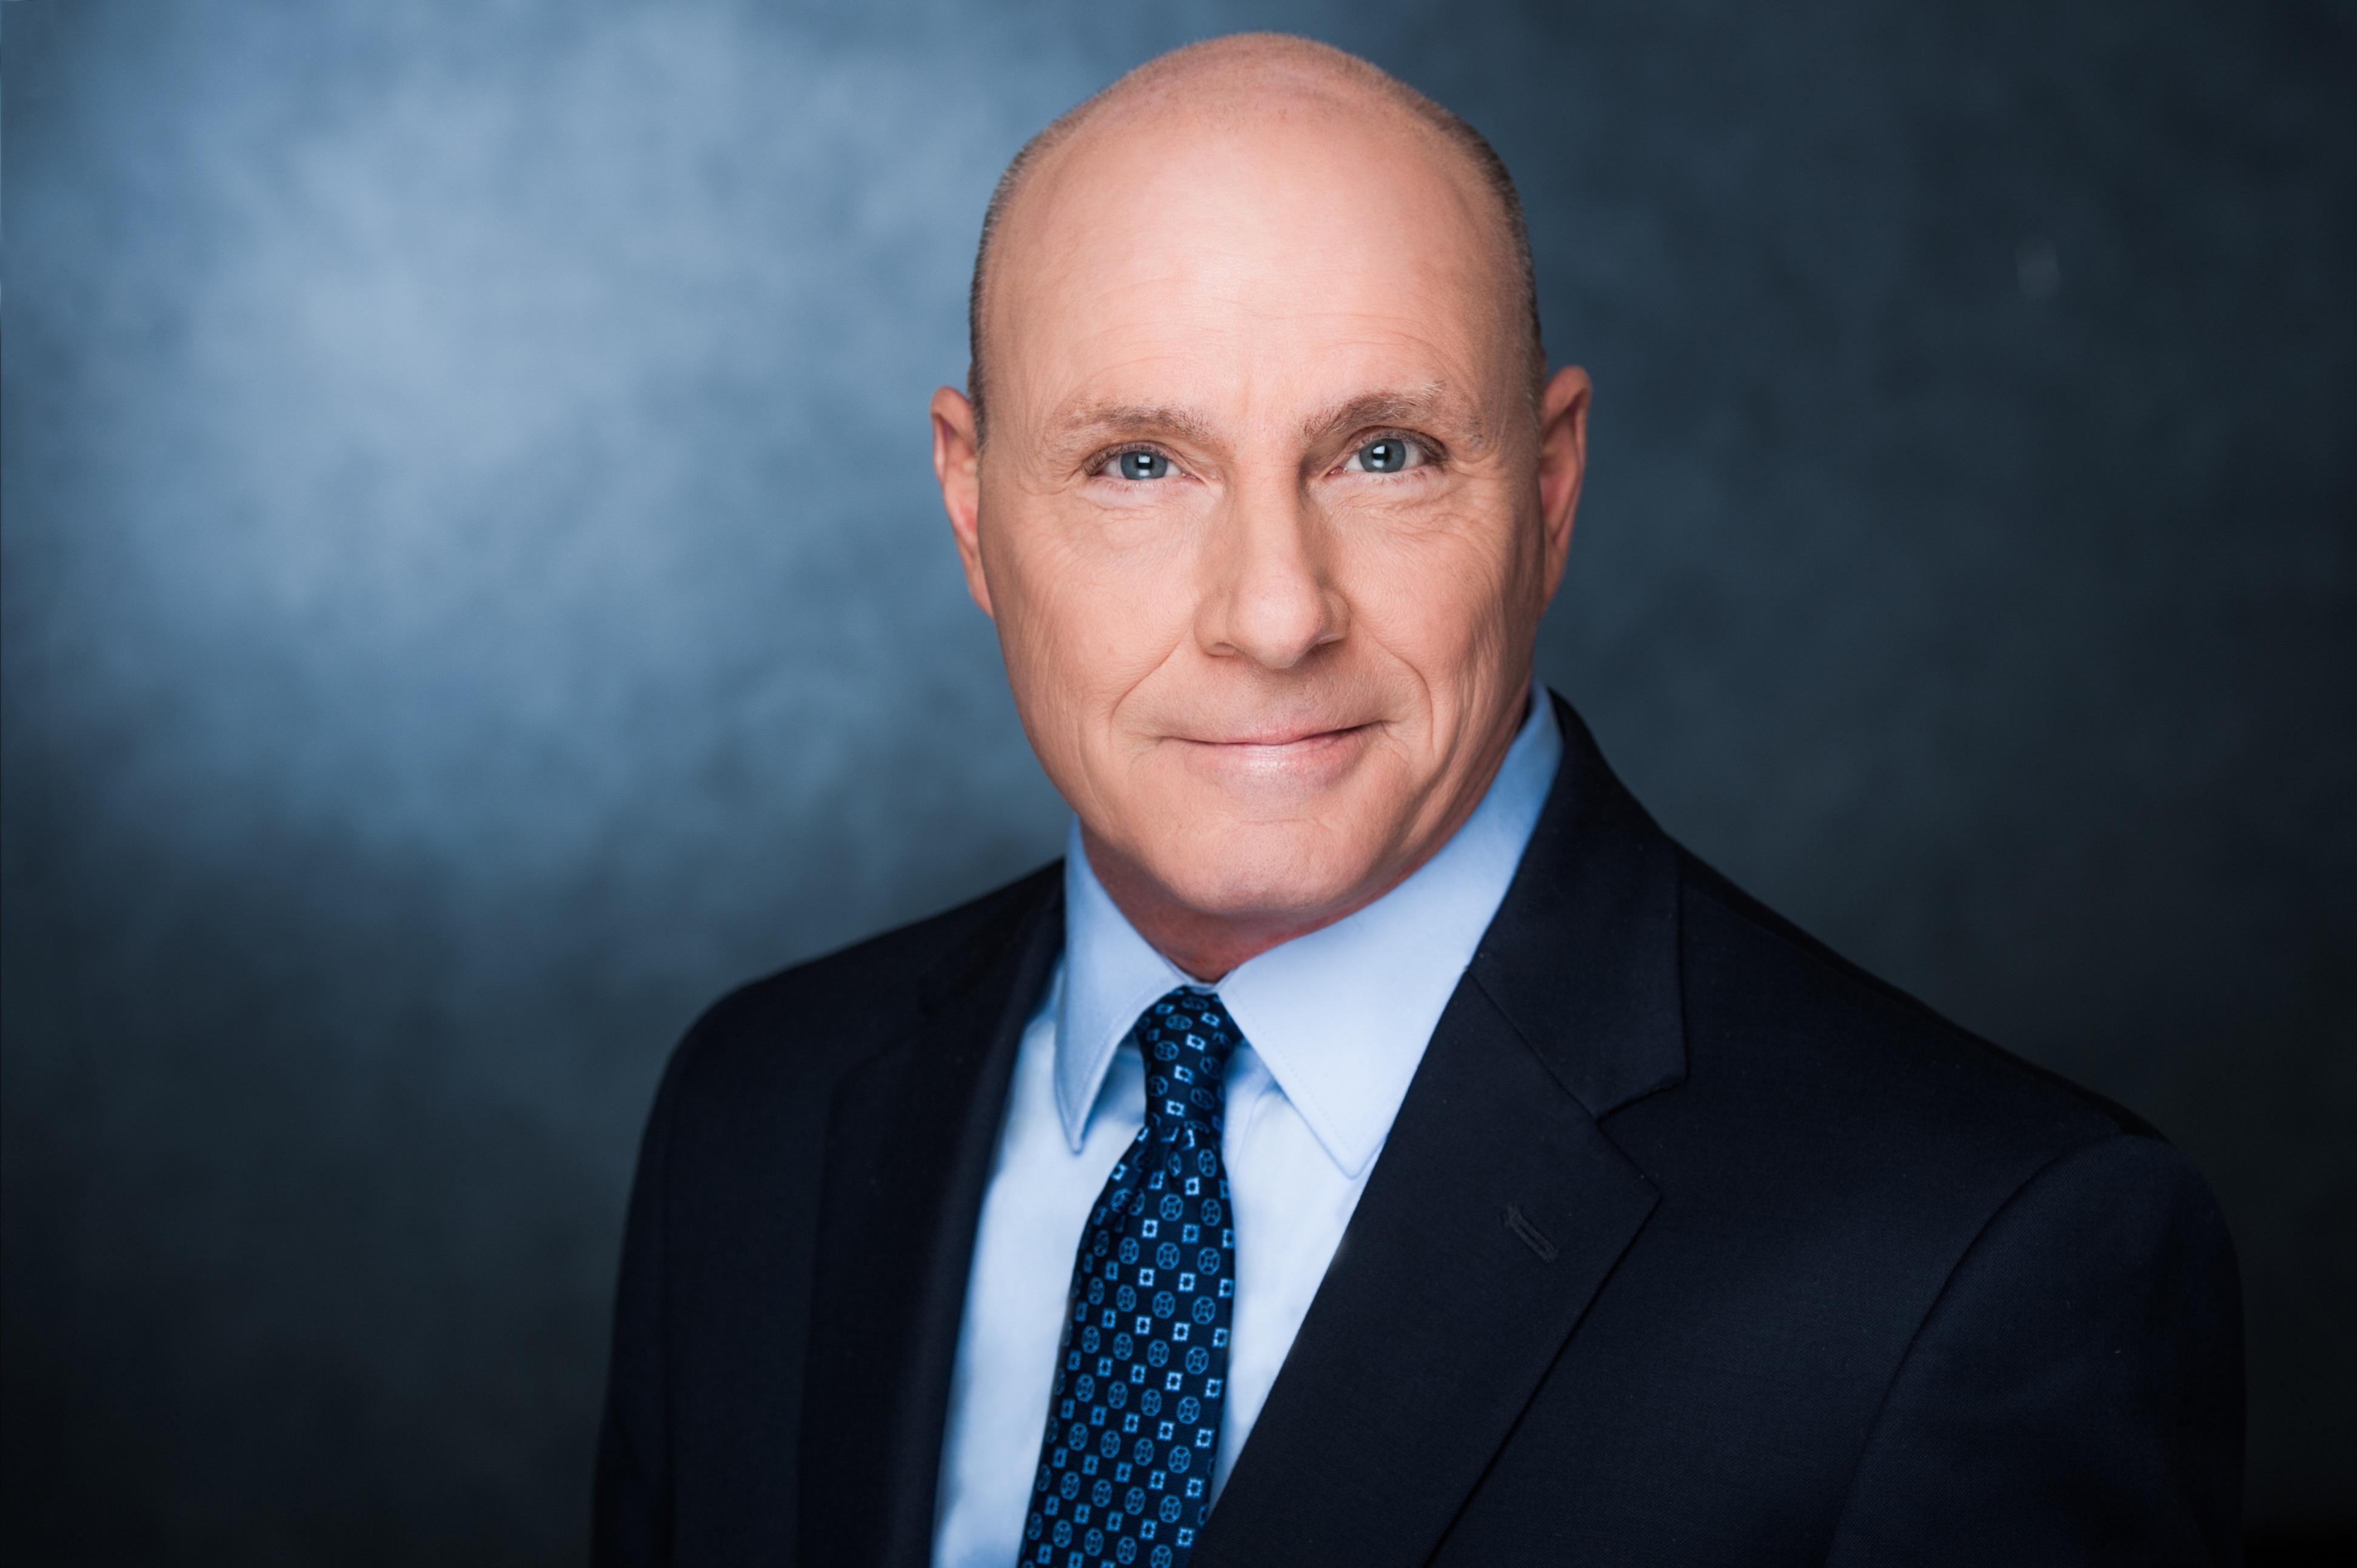 ROBERT JOHN Financial Professional & Insurance Agent